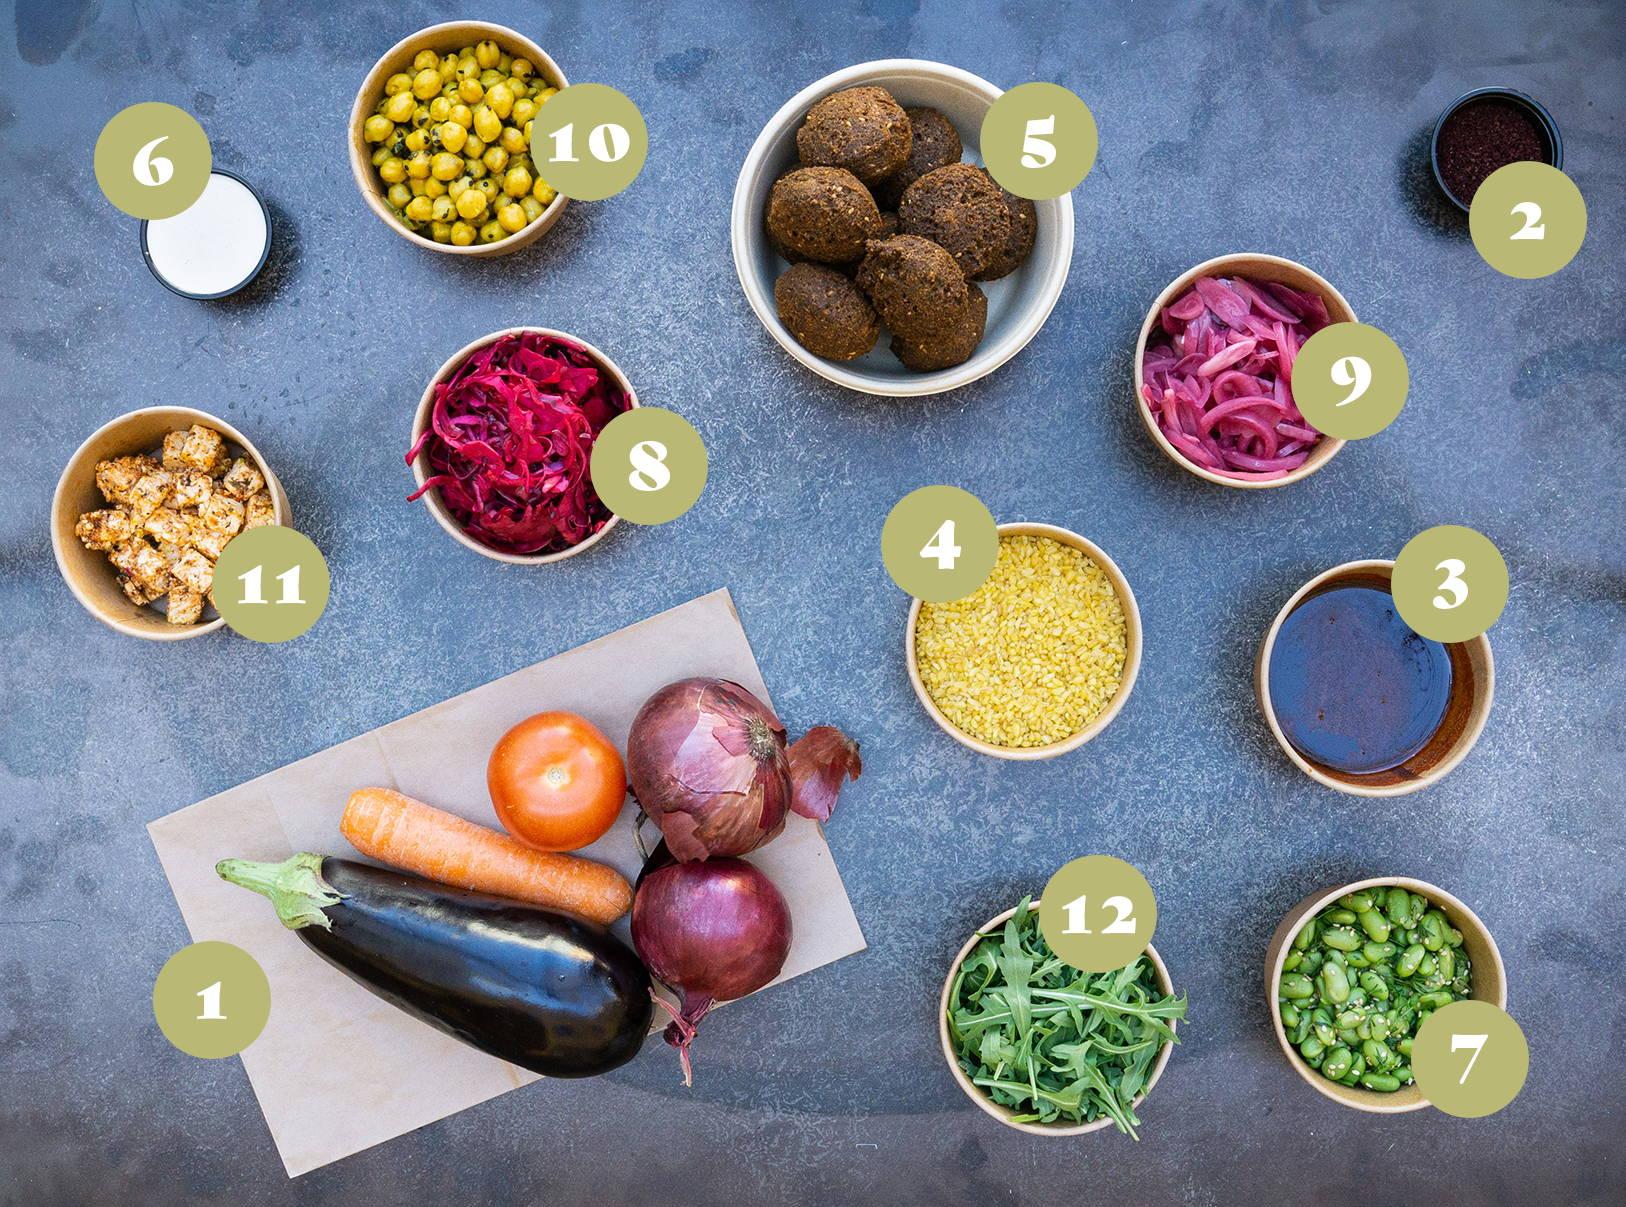 Opskrift og vejledning til Bulgur salat med falafel, rucola, ovnbagt aubergine,  kikærter, salatost, syltede og frisk grønt.